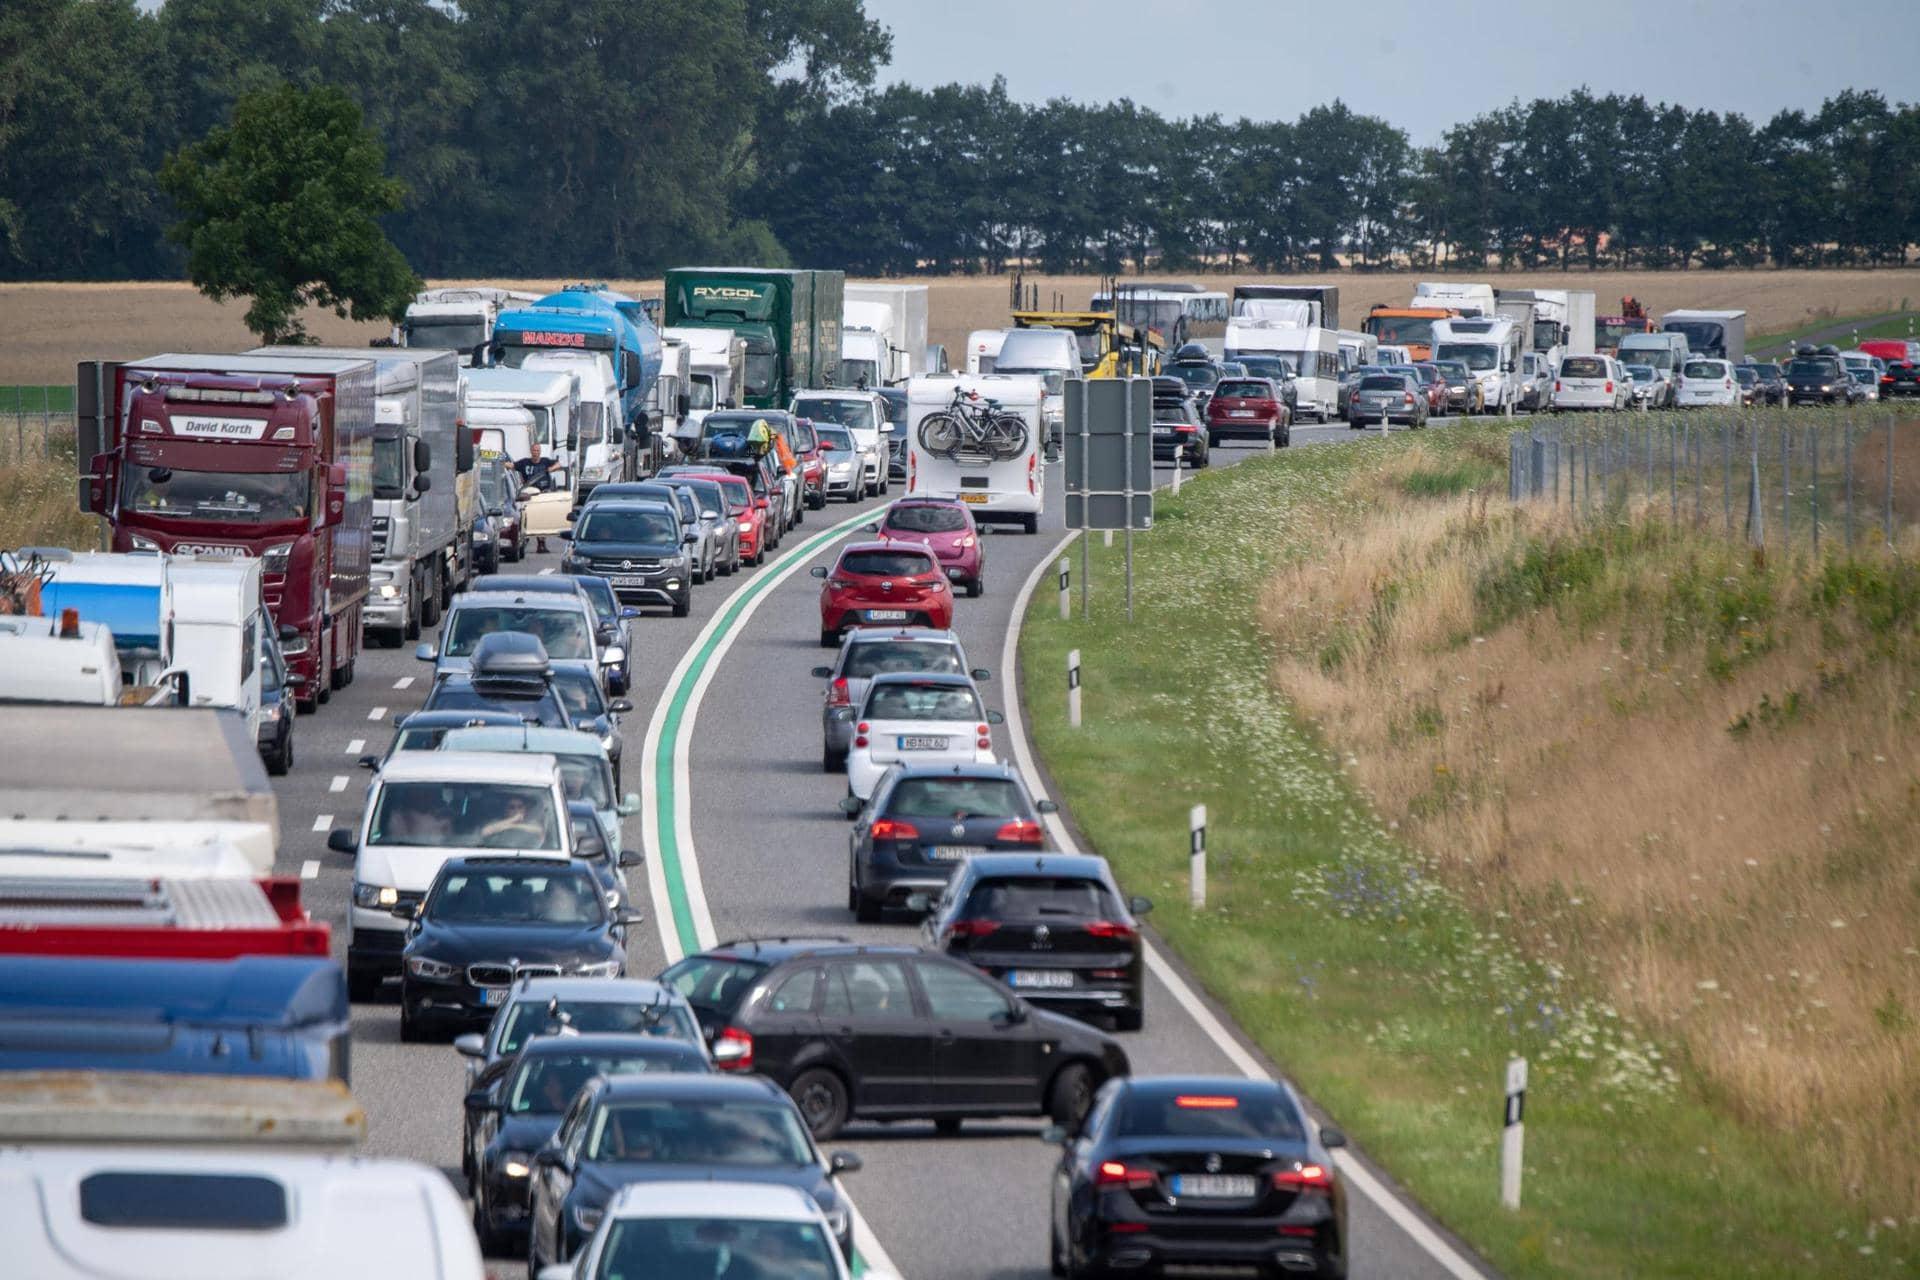 Neue Autobahn-App des Bundes soll Google Maps & Co. ergänzen Navigation